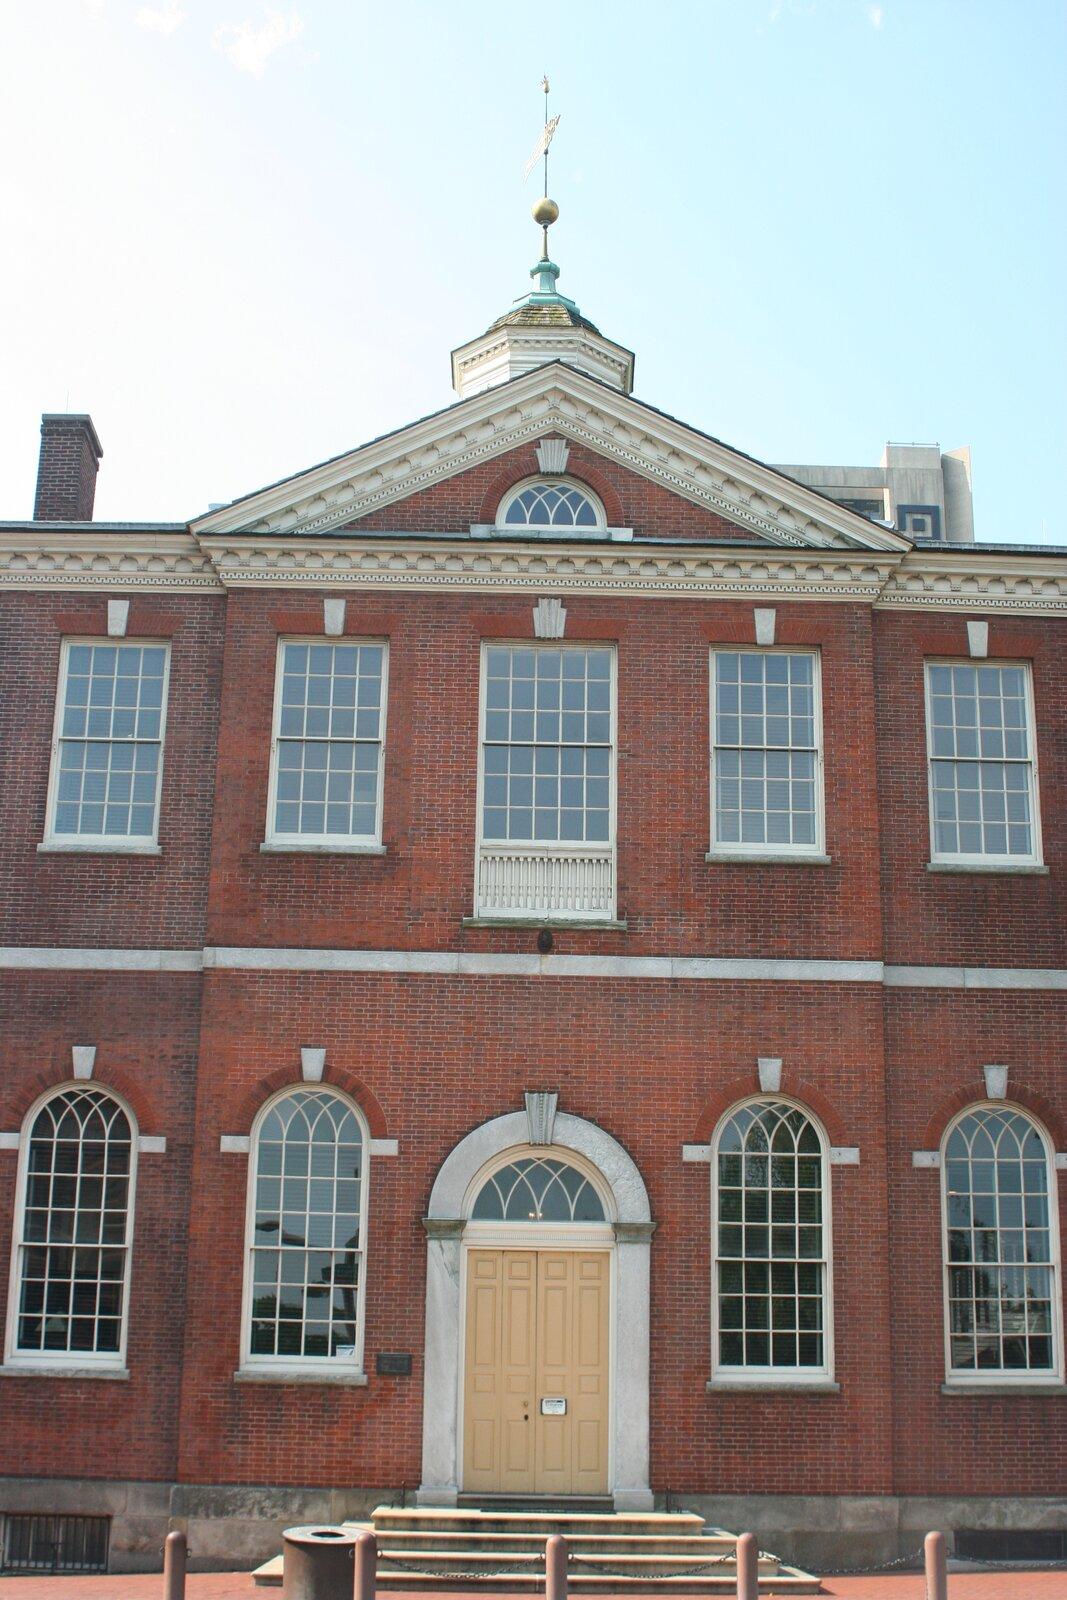 GmachwFiladefii, który wlatach1790-1801 był siedziba Sądu Najwyższego GmachwFiladefii, który wlatach1790-1801 był siedziba Sądu Najwyższego Źródło: Ben Franske, Wikimedia Commons, licencja: CC BY-SA 4.0.